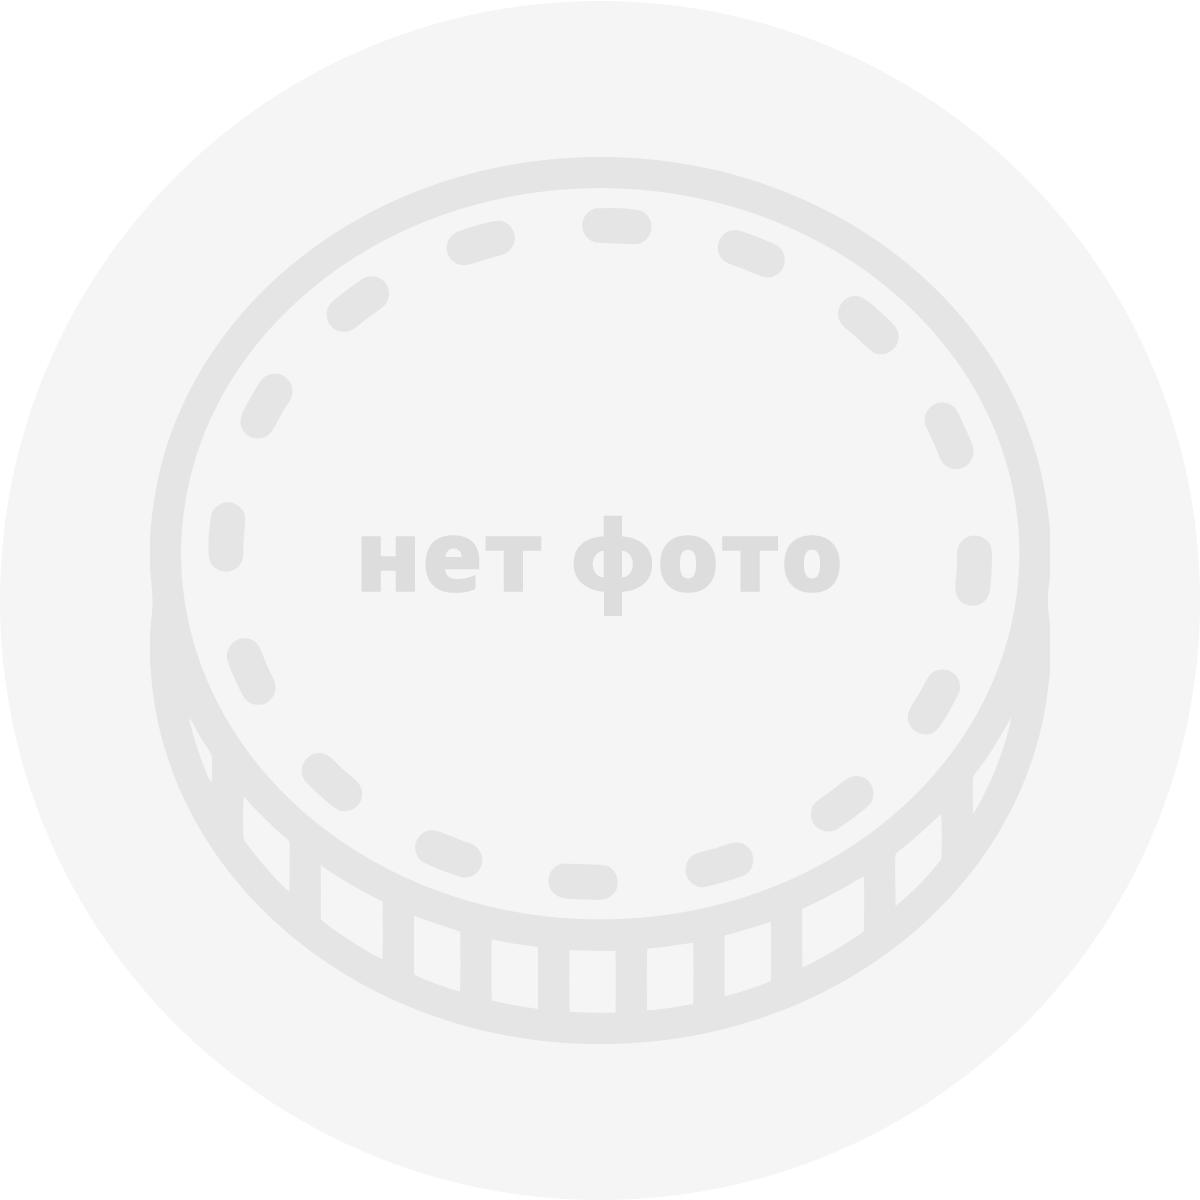 Банк Латвии выпускает квадратную коллекционную монету достоинством 5 евро